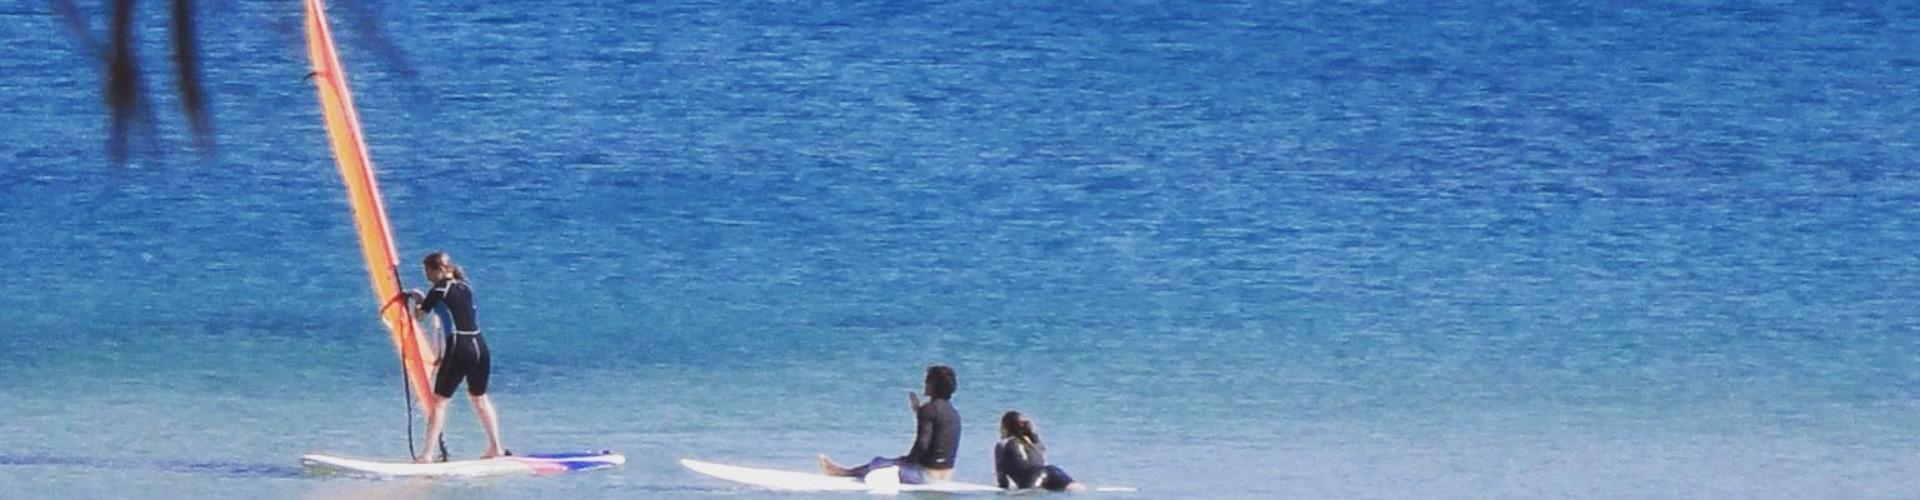 Windsurf Experience in Porto Santo